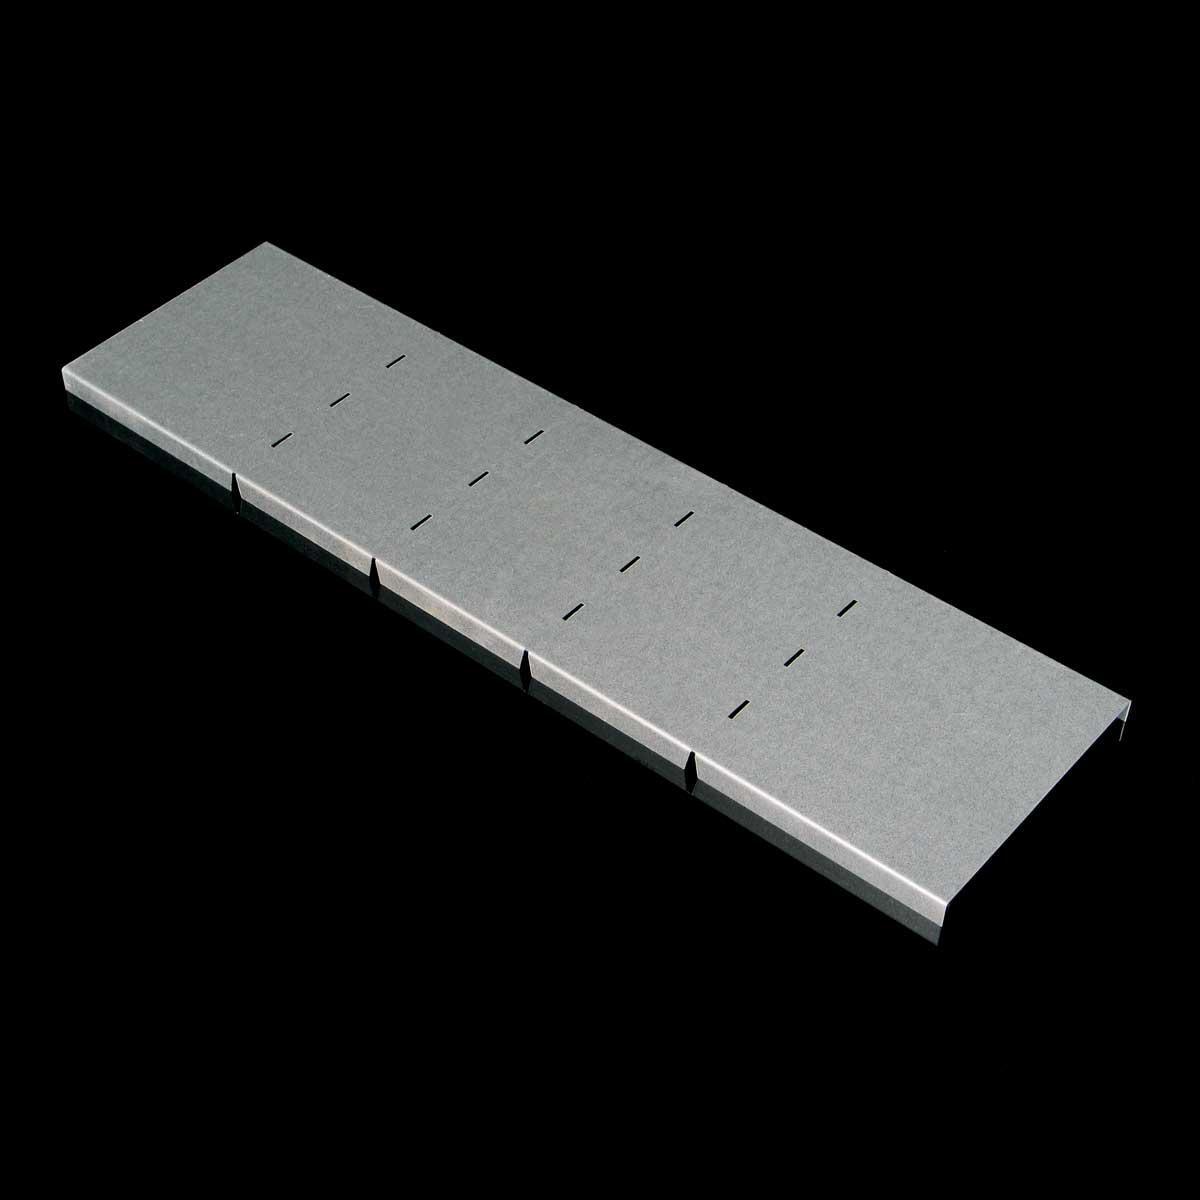 Кришка вертикального повороту зовнішнього 90° JUPITER; розміри-85x600x270mm Товщ. метал-1мм Вага-2,32кг/м